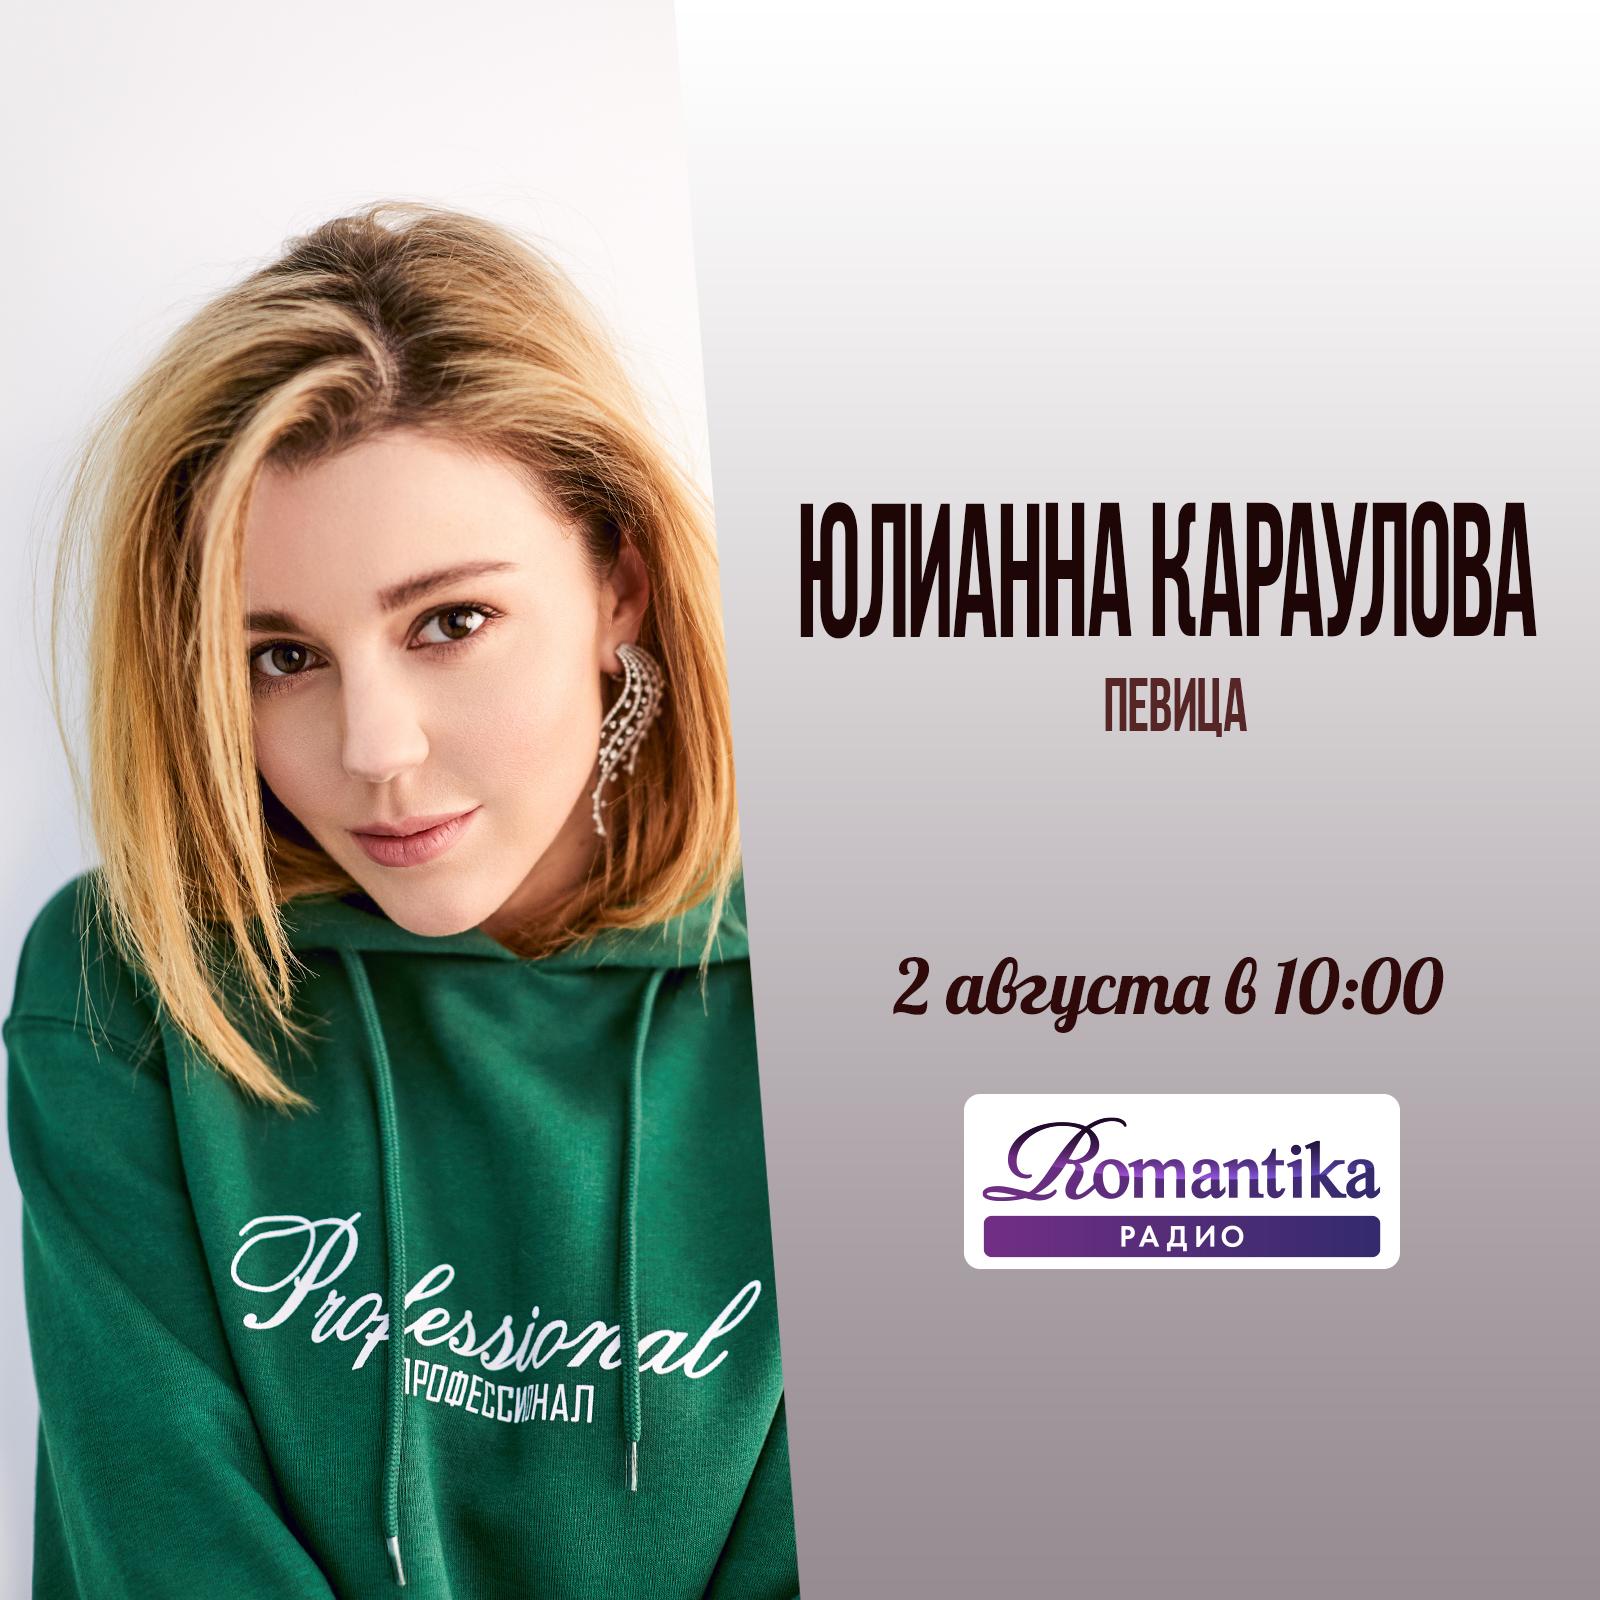 Утро на радио Romantika: 2 августа – в гостях певица Юлианна Караулова - Радио Romantika